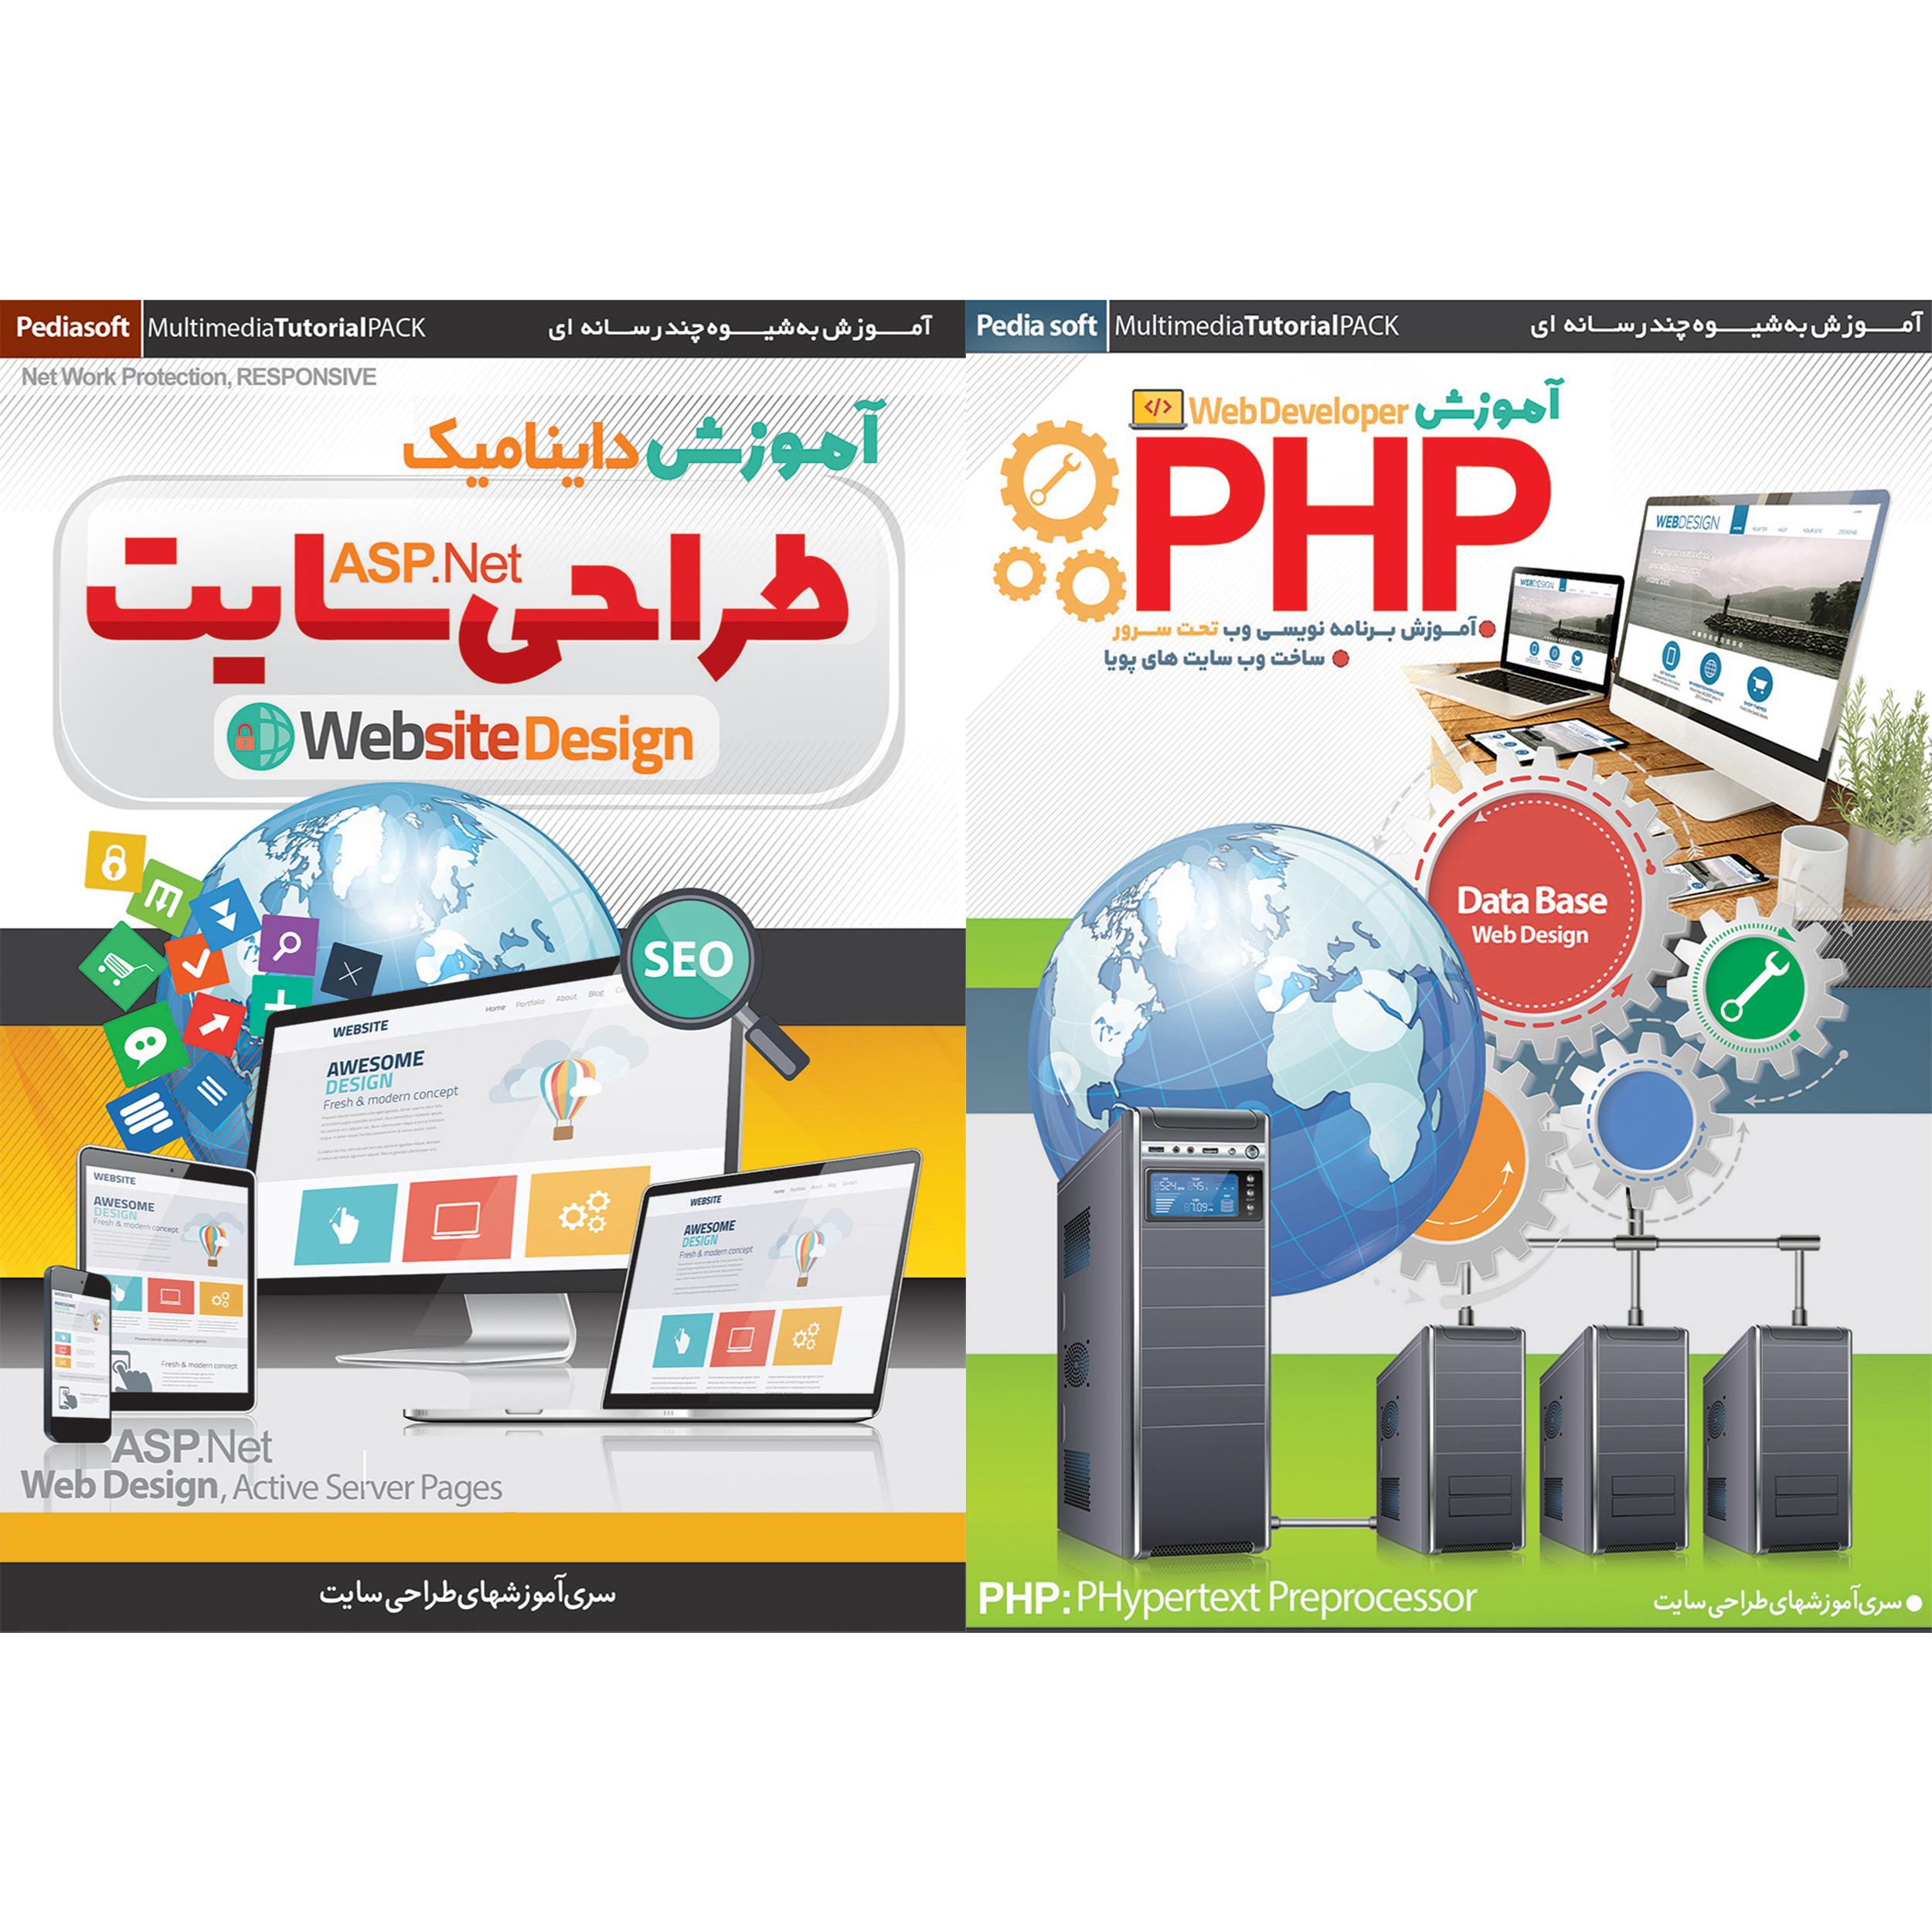 نرم افزار آموزش PHP نشر پدیا سافت به همراه نرم افزار آموزش داینامیک طراحی سایت ASP.Net نشر پدیا سافت